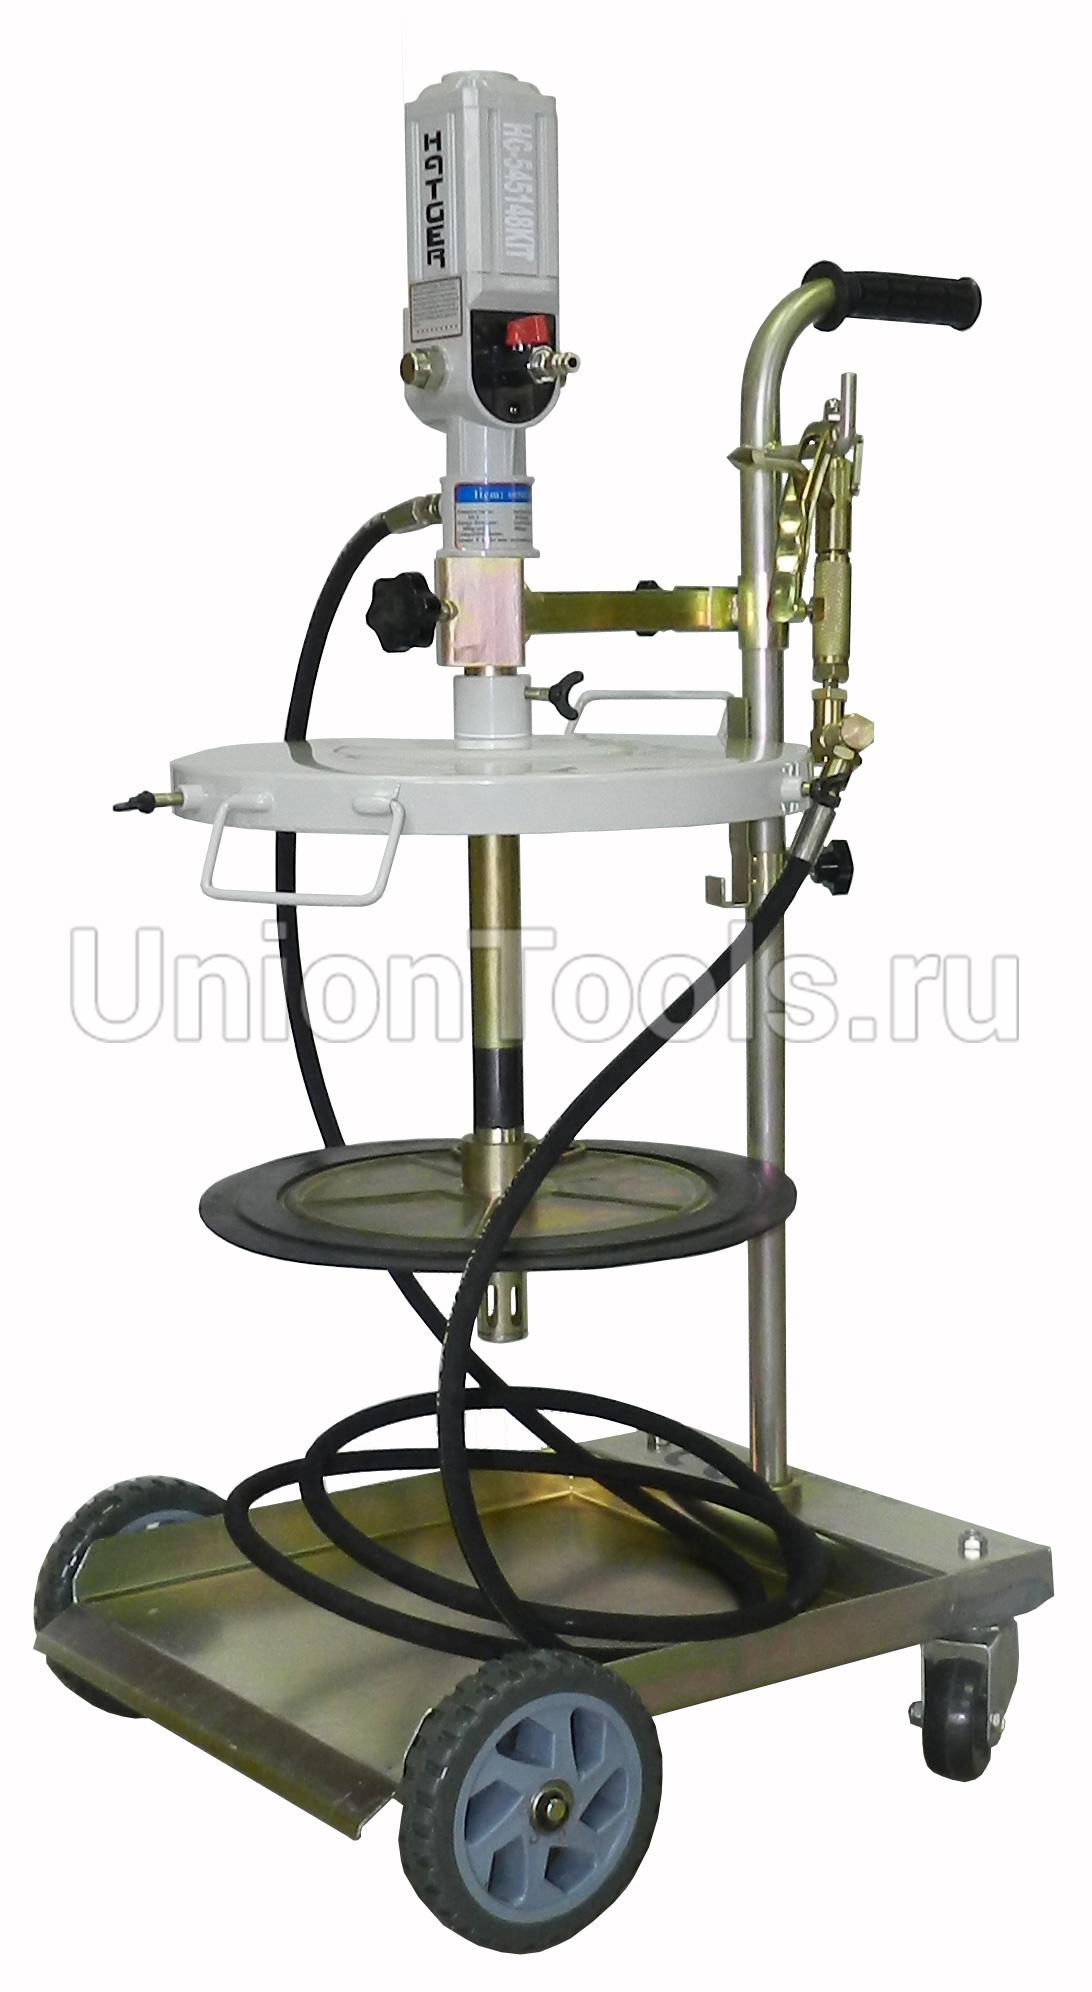 Передвижной комплект солидолонагнетателя 50:1 для ведер 40-60 кг